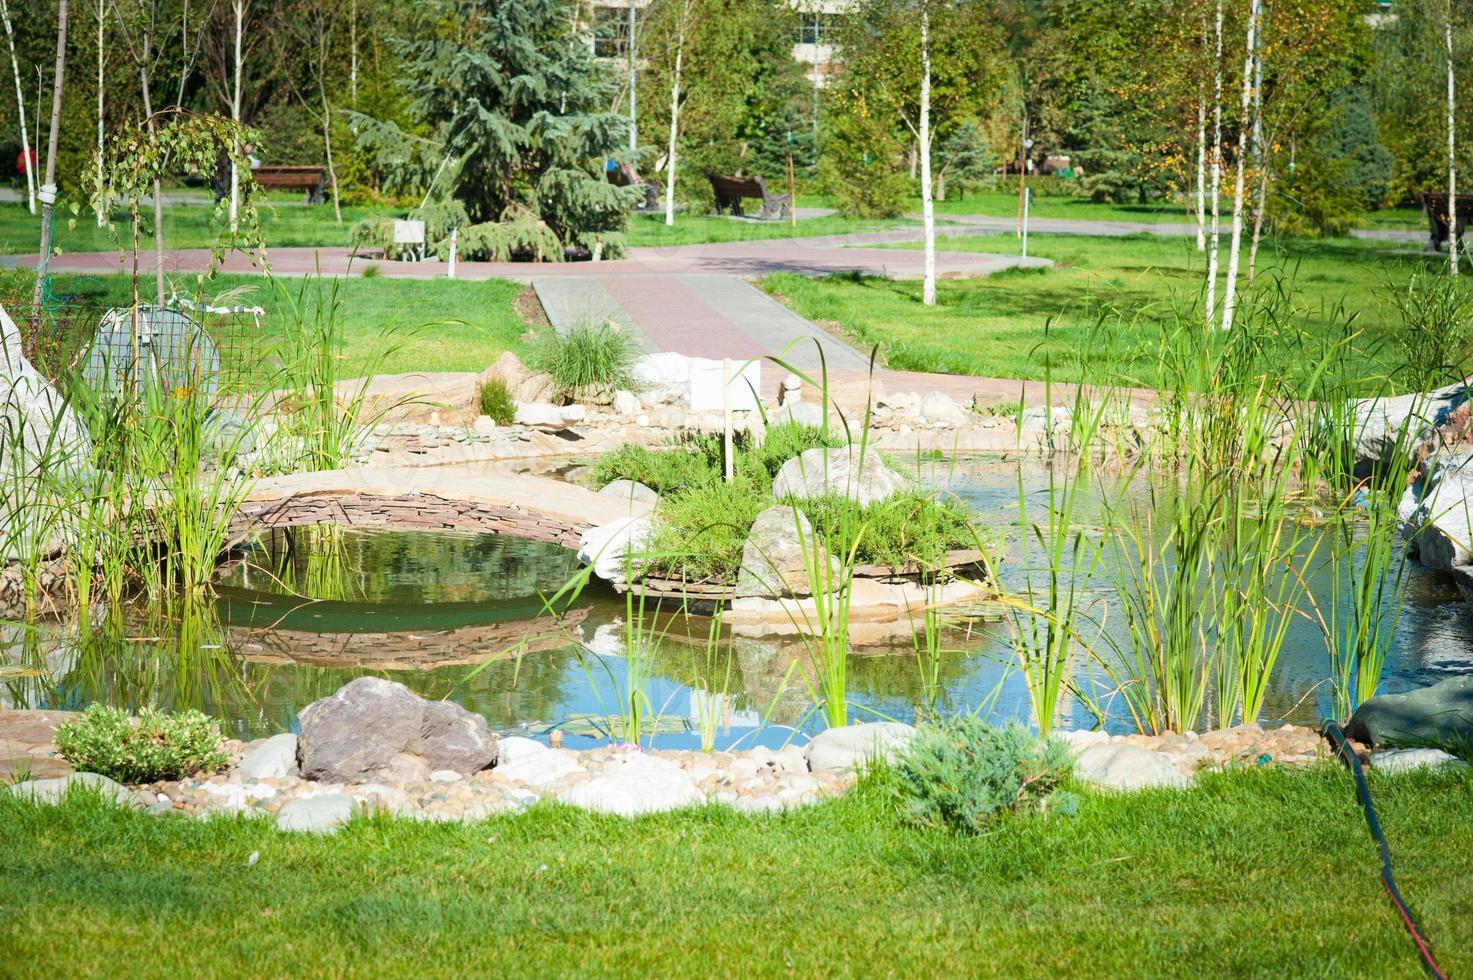 petit étang dans le parc photo